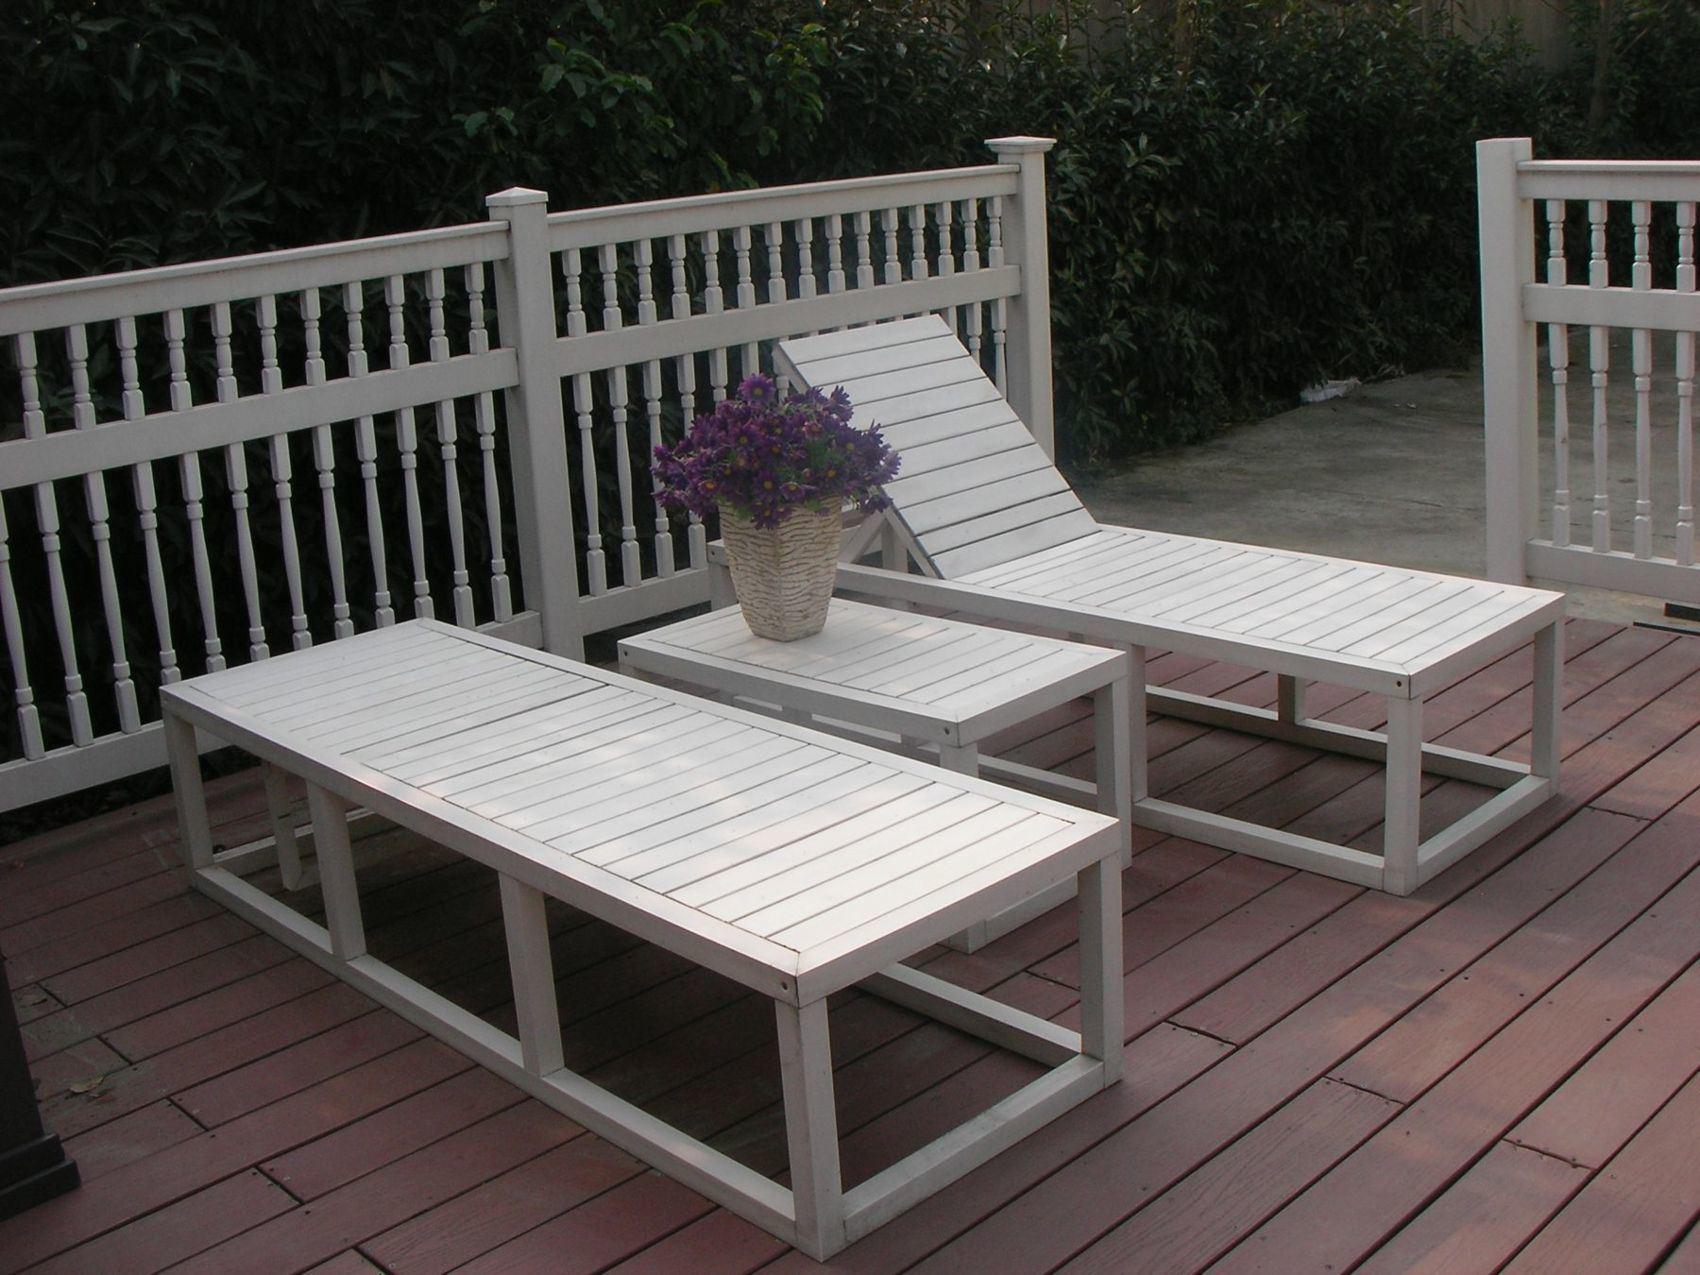 De ligstoel van pvc 117 de ligstoel van pvc 117 doorsuzhou futong electric plastic co ltd - Stoel aangewezen ...